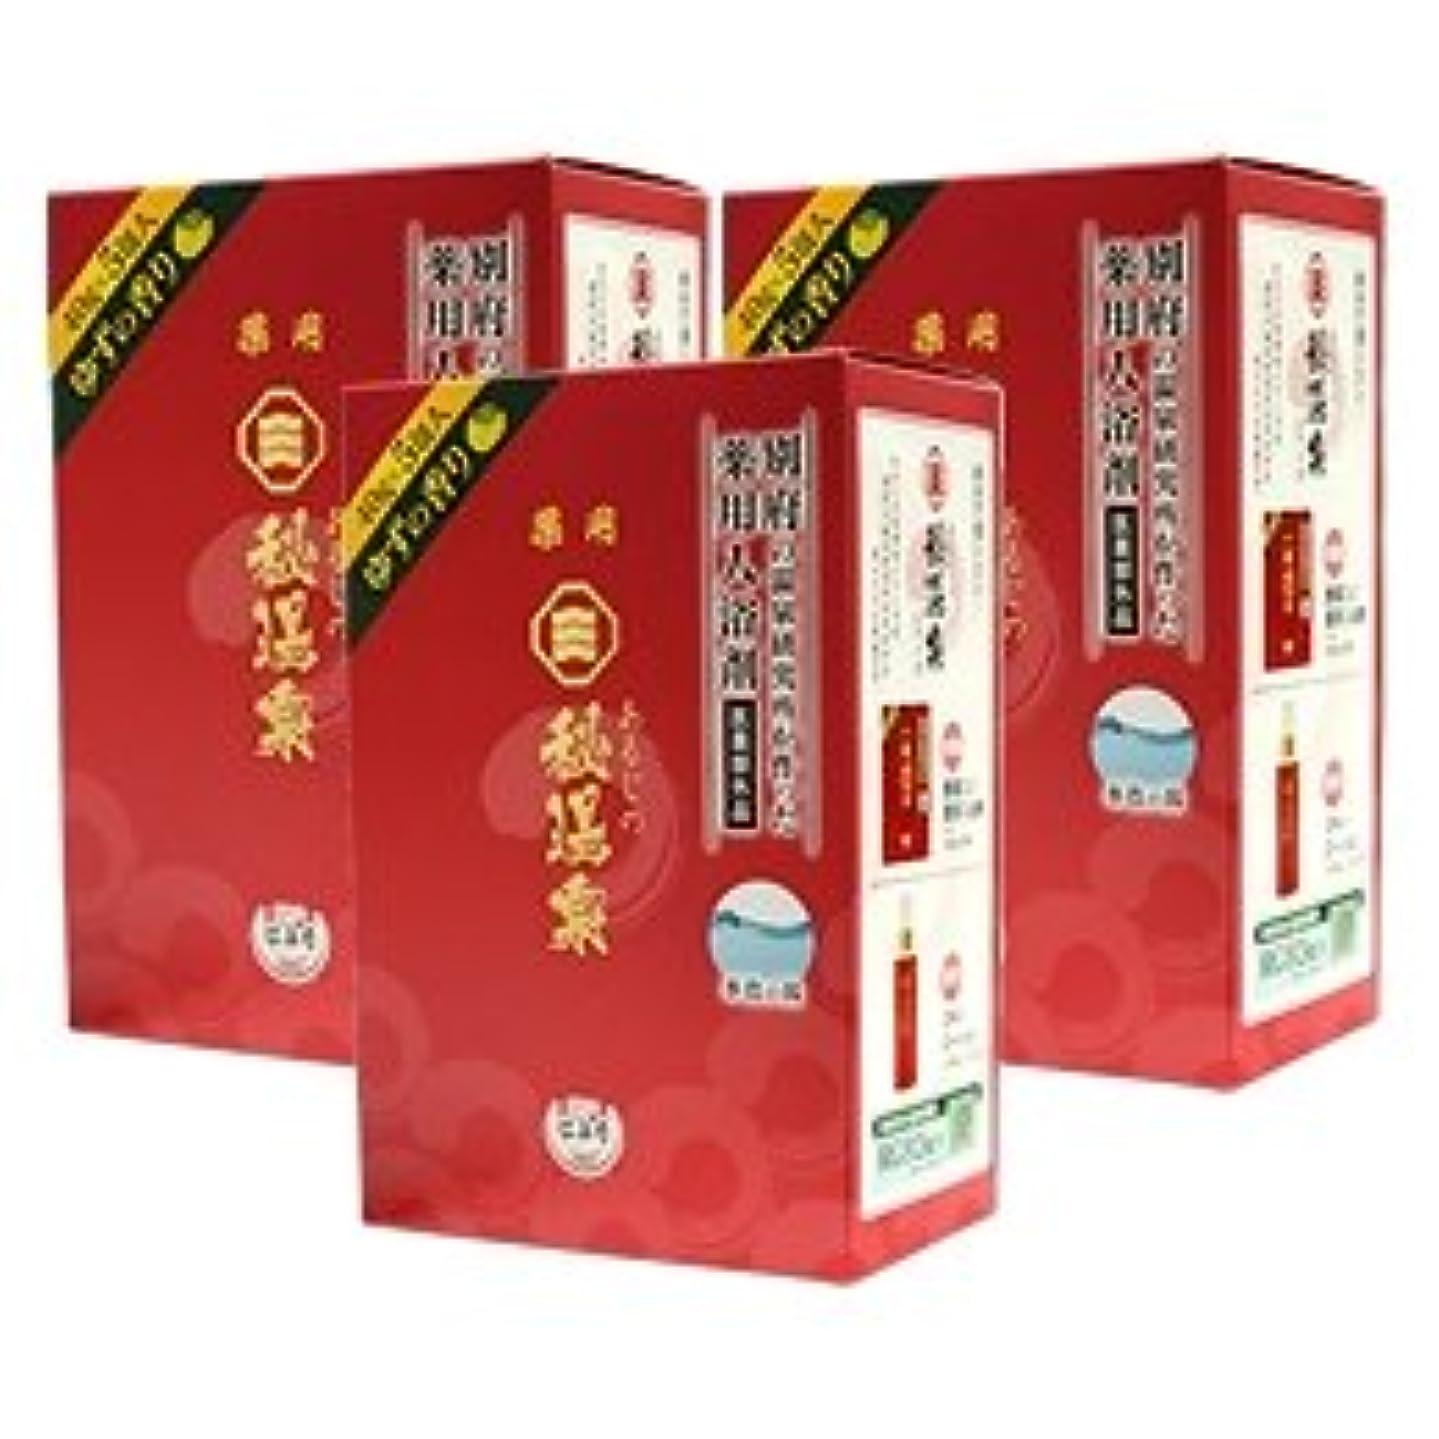 忘れるキャンプストライプ薬用入浴剤 あるじの秘湯泉 ×3箱(1箱5包入り)セット